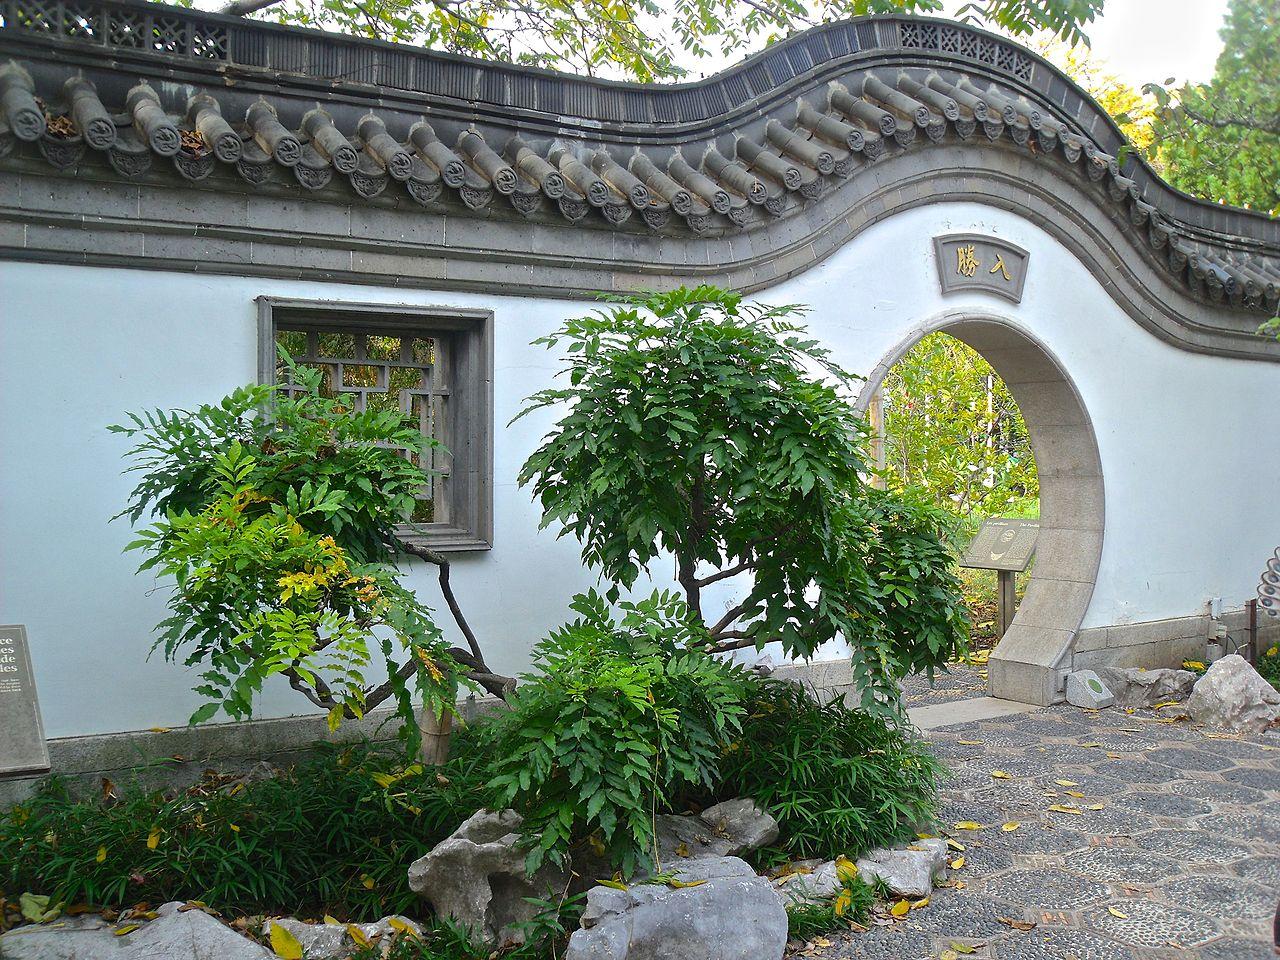 file cour d 39 entr e jardin de chine jardin botanique montr al wikimedia commons. Black Bedroom Furniture Sets. Home Design Ideas